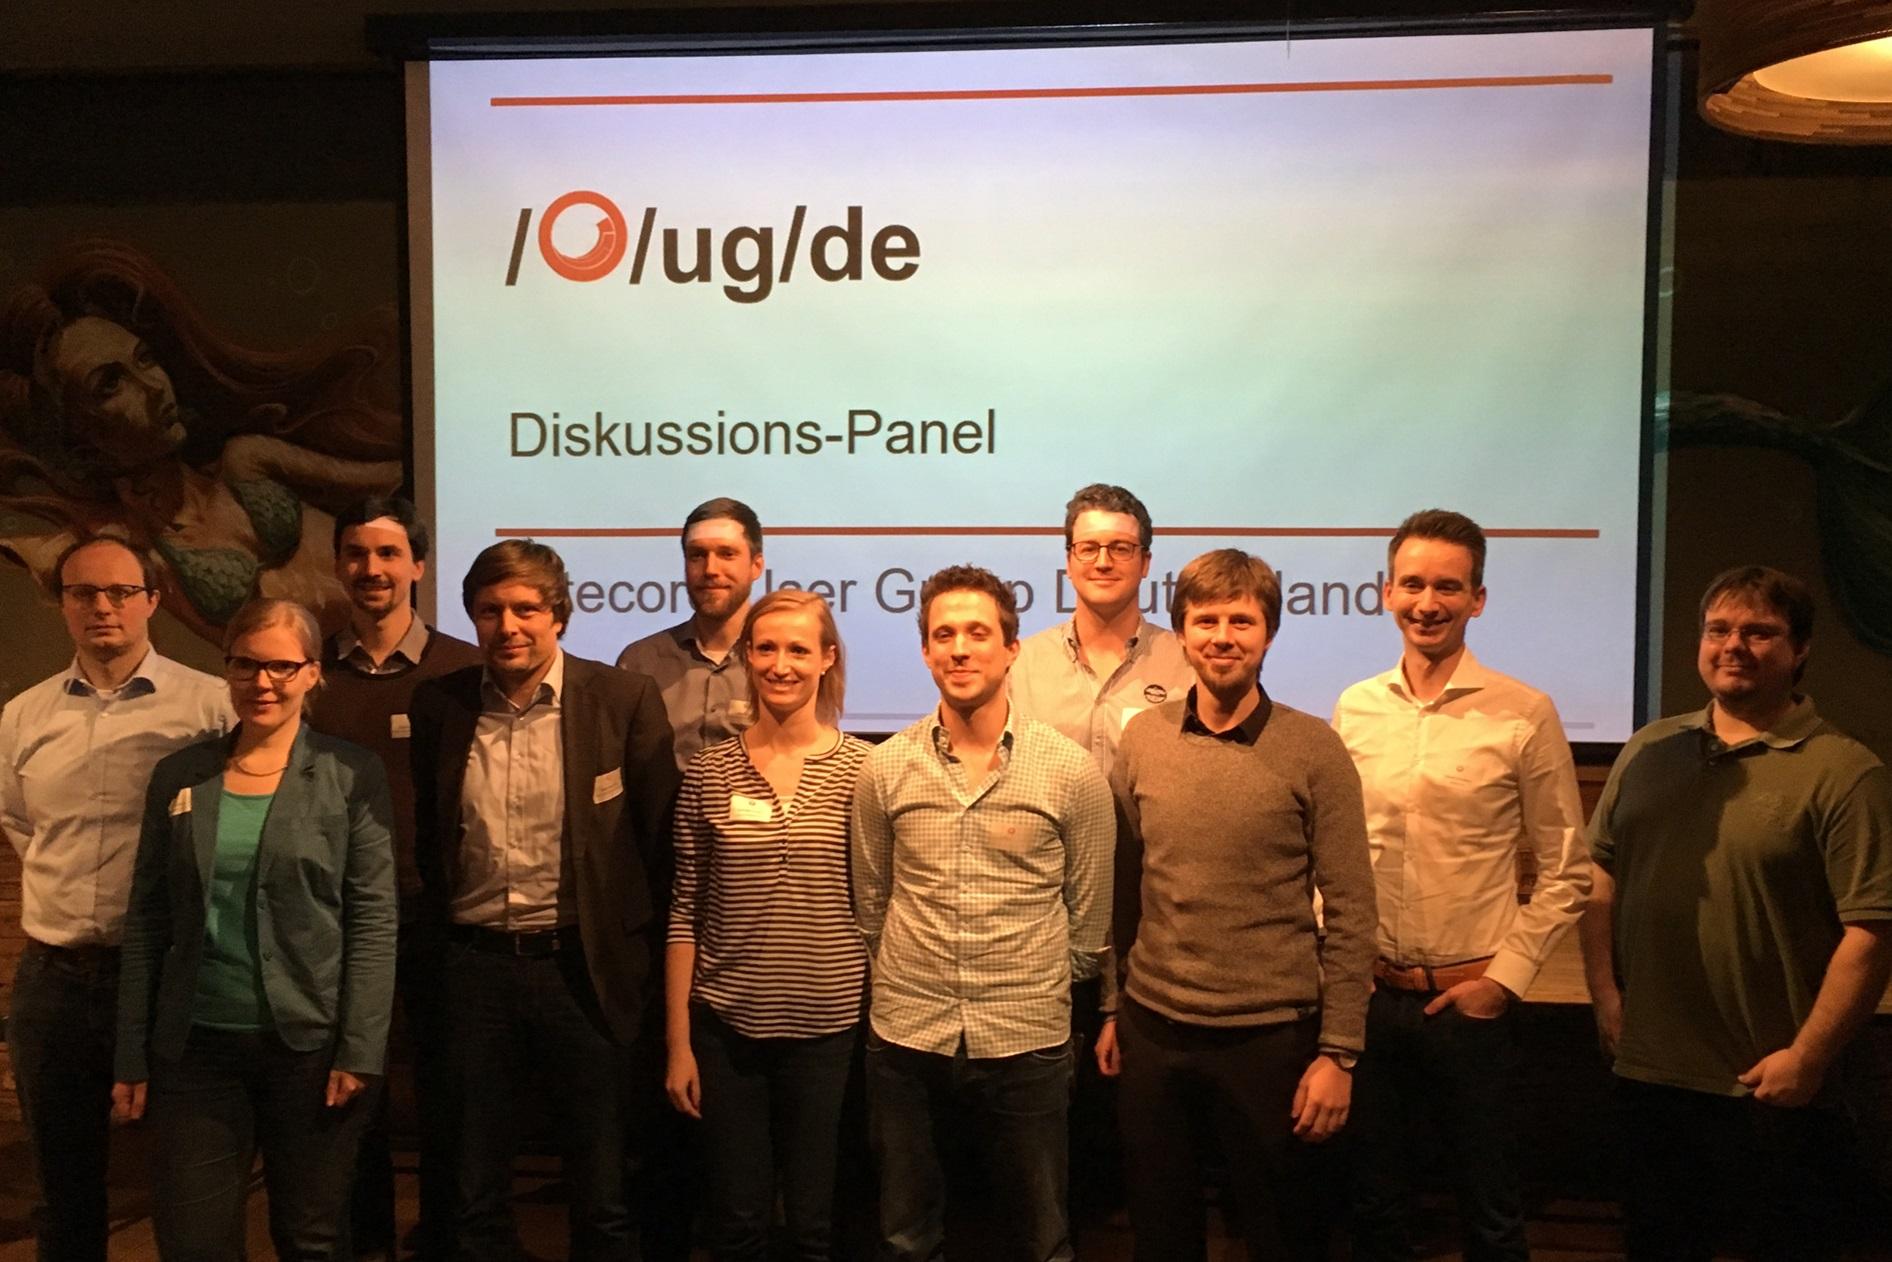 Gründung der Sitecore Usergroup durch Christopher Wojciech